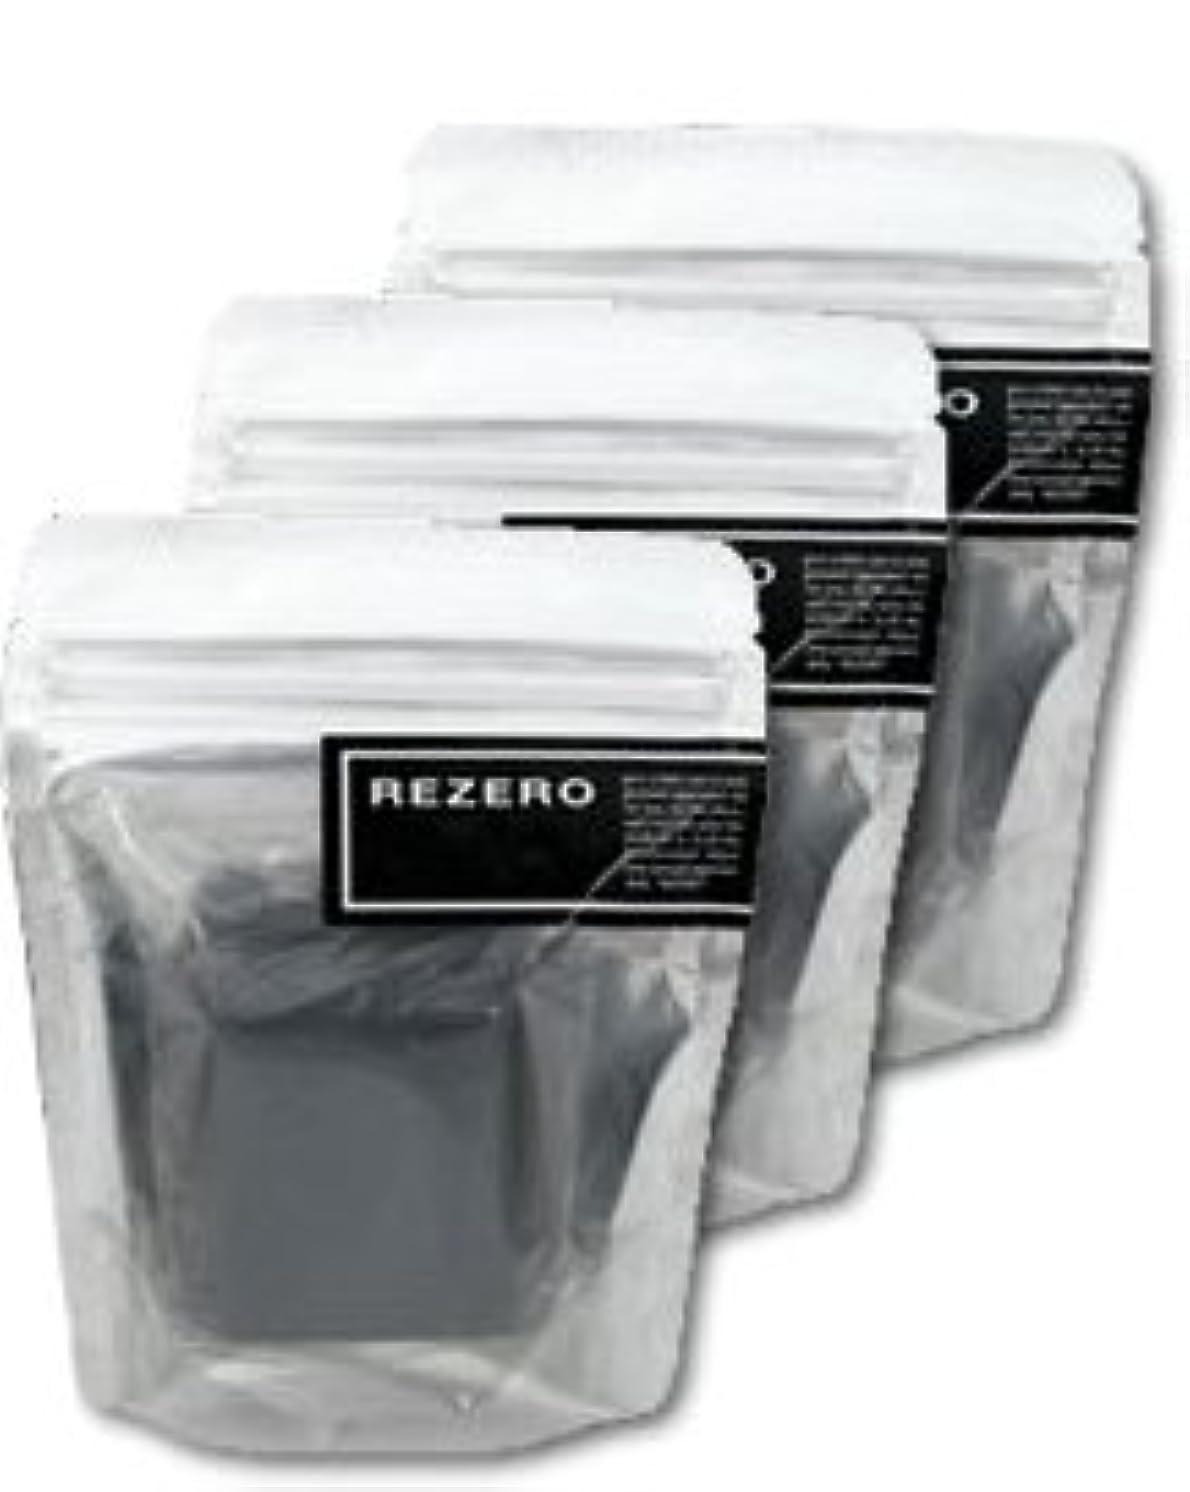 カプセル注文二層リゼロ プレミアム柿炭ソープ 90g×3個セット